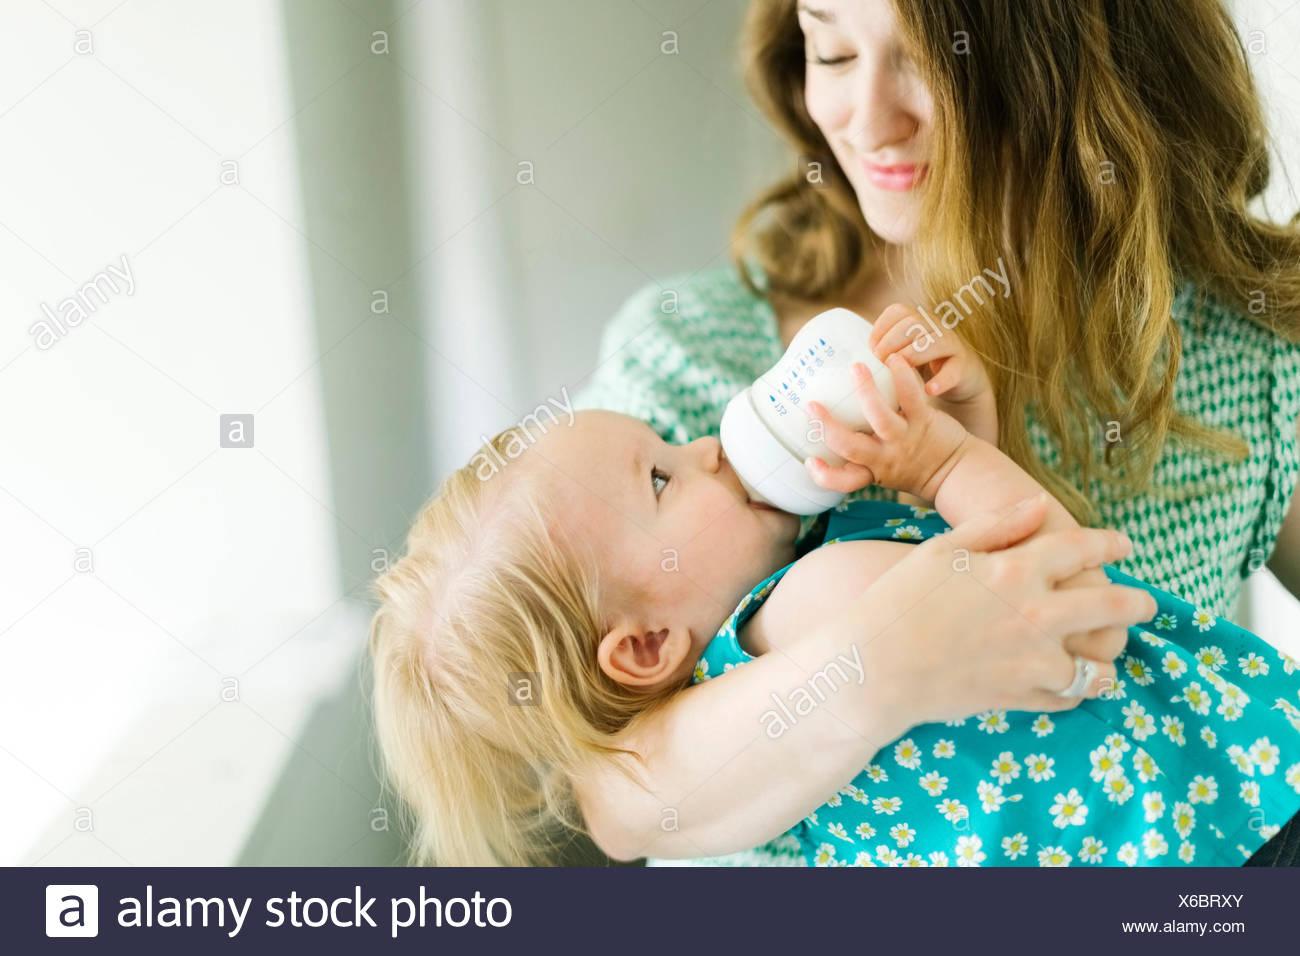 Alimentazione madre bambina (12-17 mesi) nel soggiorno Immagini Stock